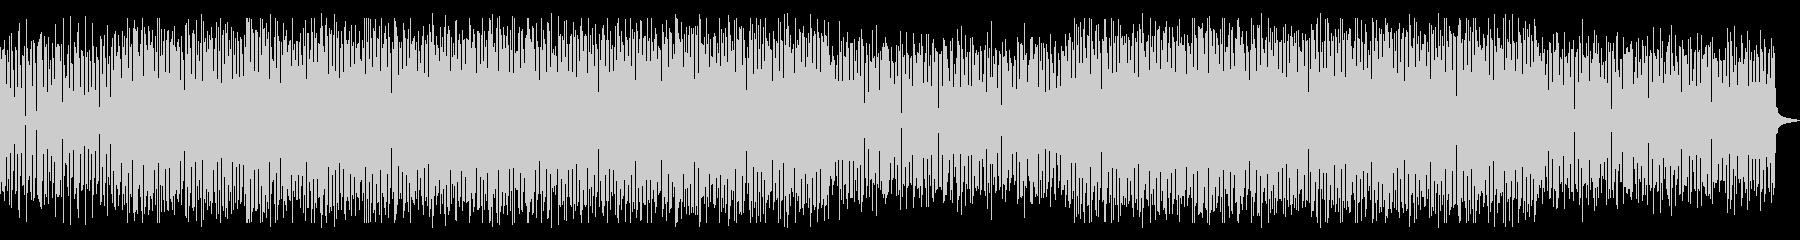 シンプルで強めのテクノ曲の未再生の波形